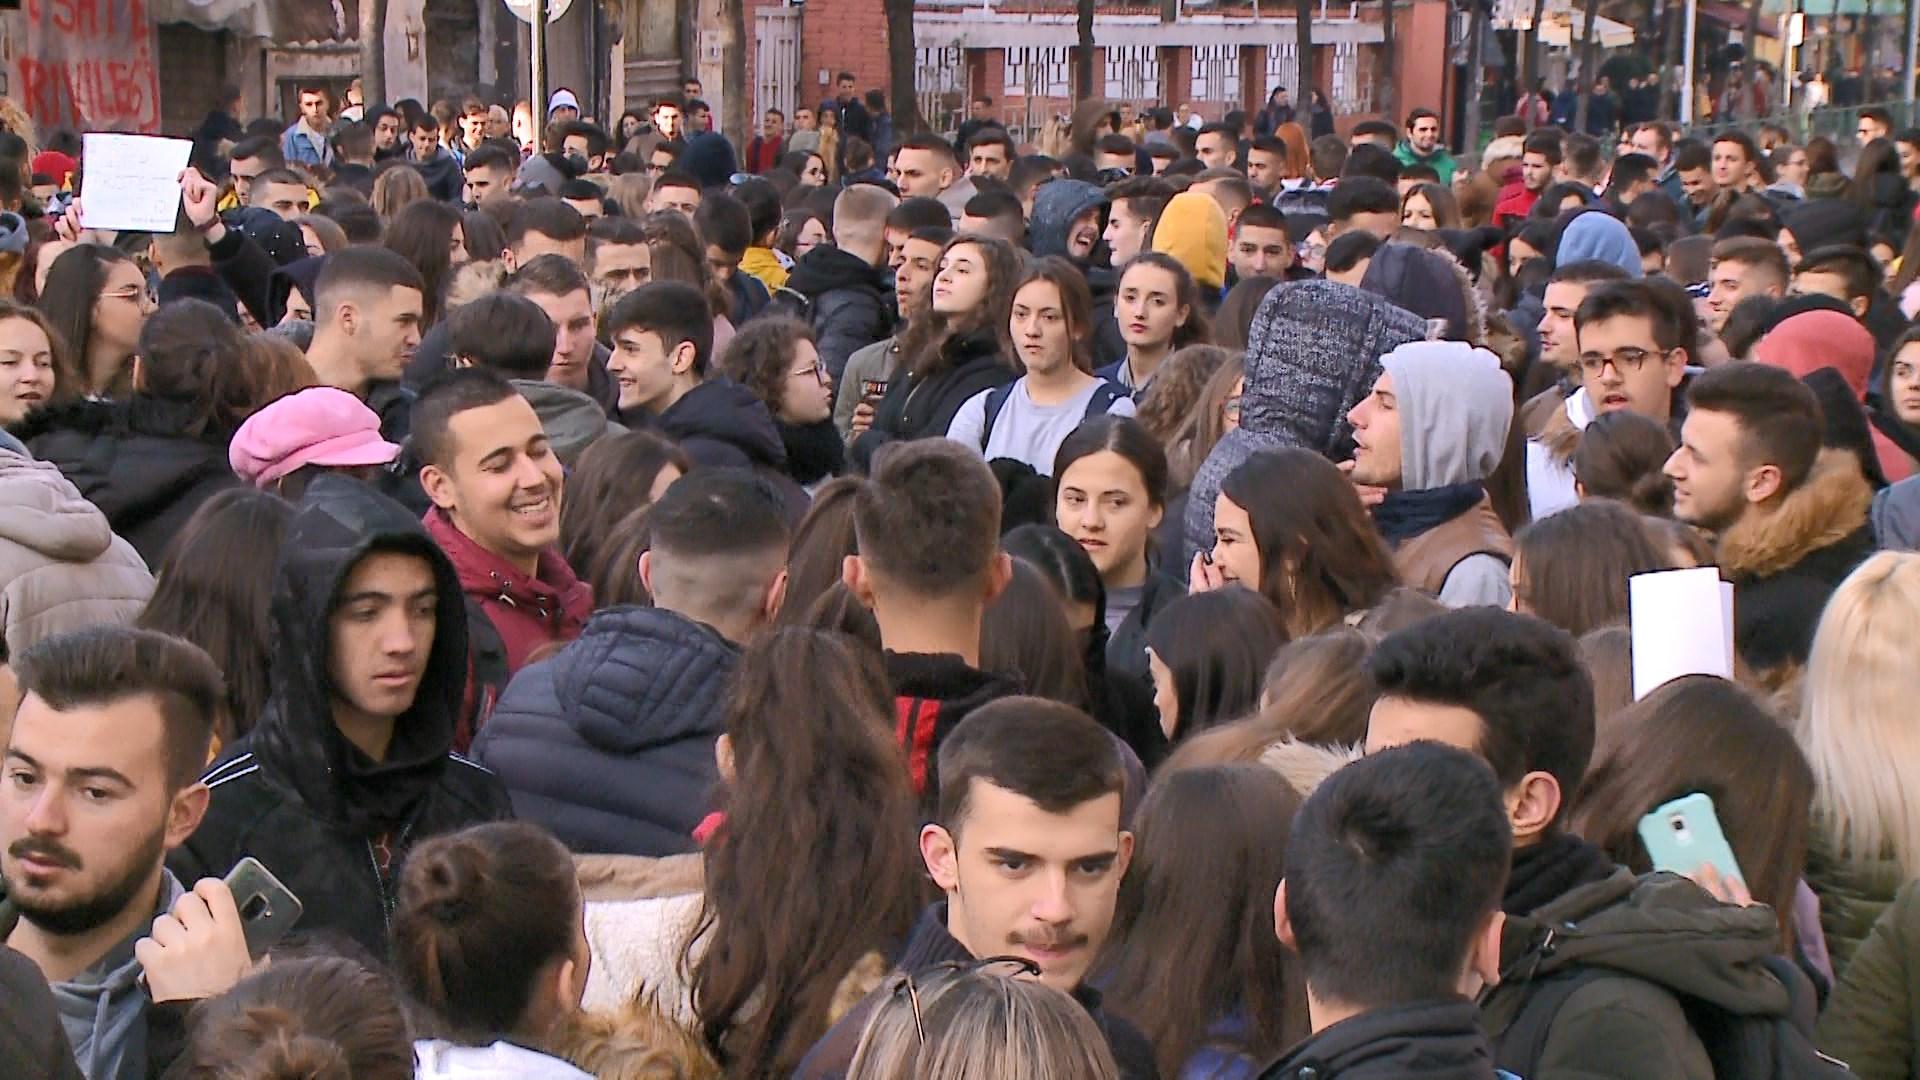 Përçahet protesta e studentëve: Ndahen në tre grupe